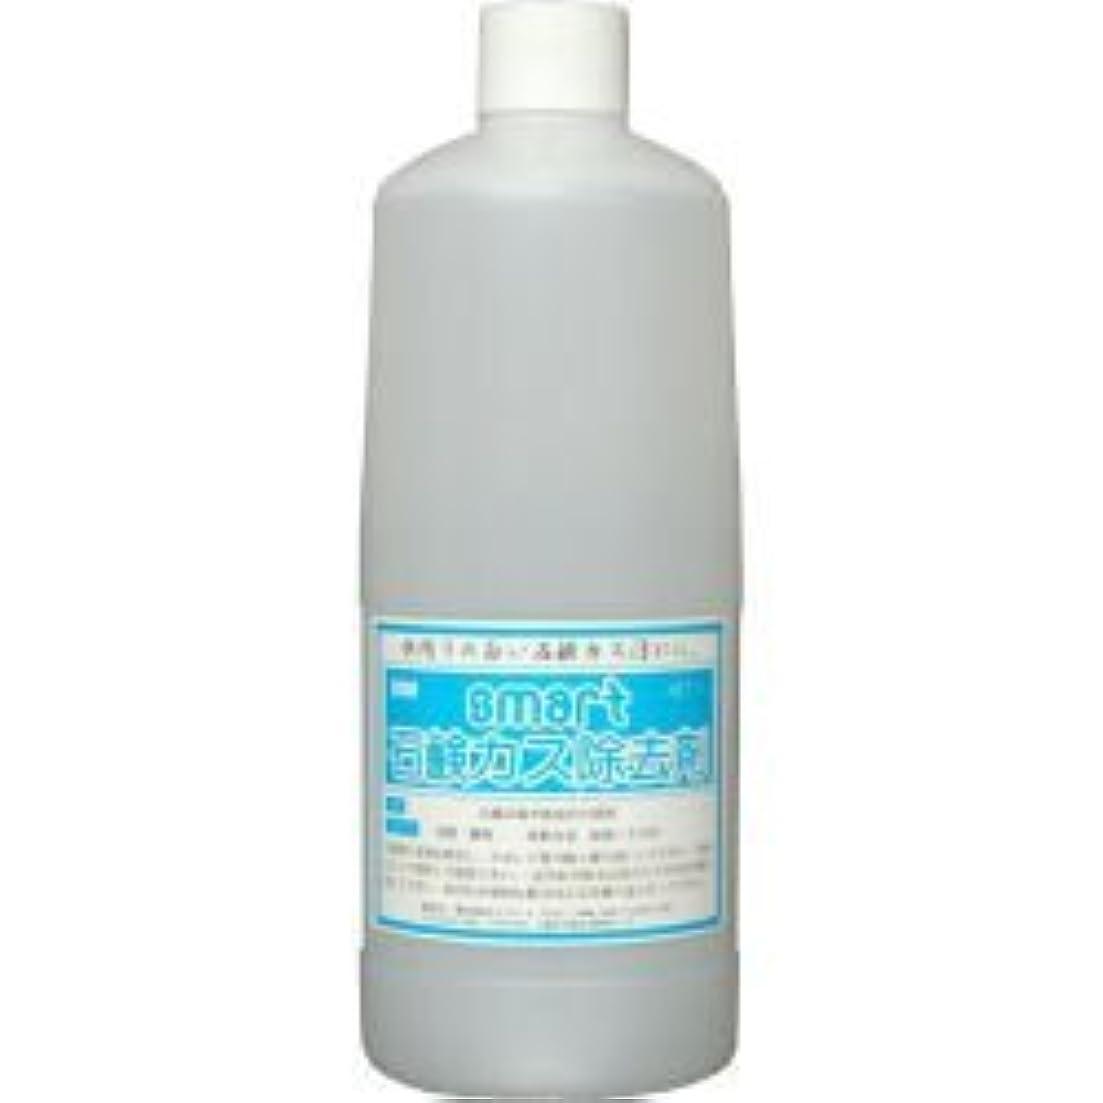 悪用嫌な個人的にスマート石鹸カス除去剤 1L